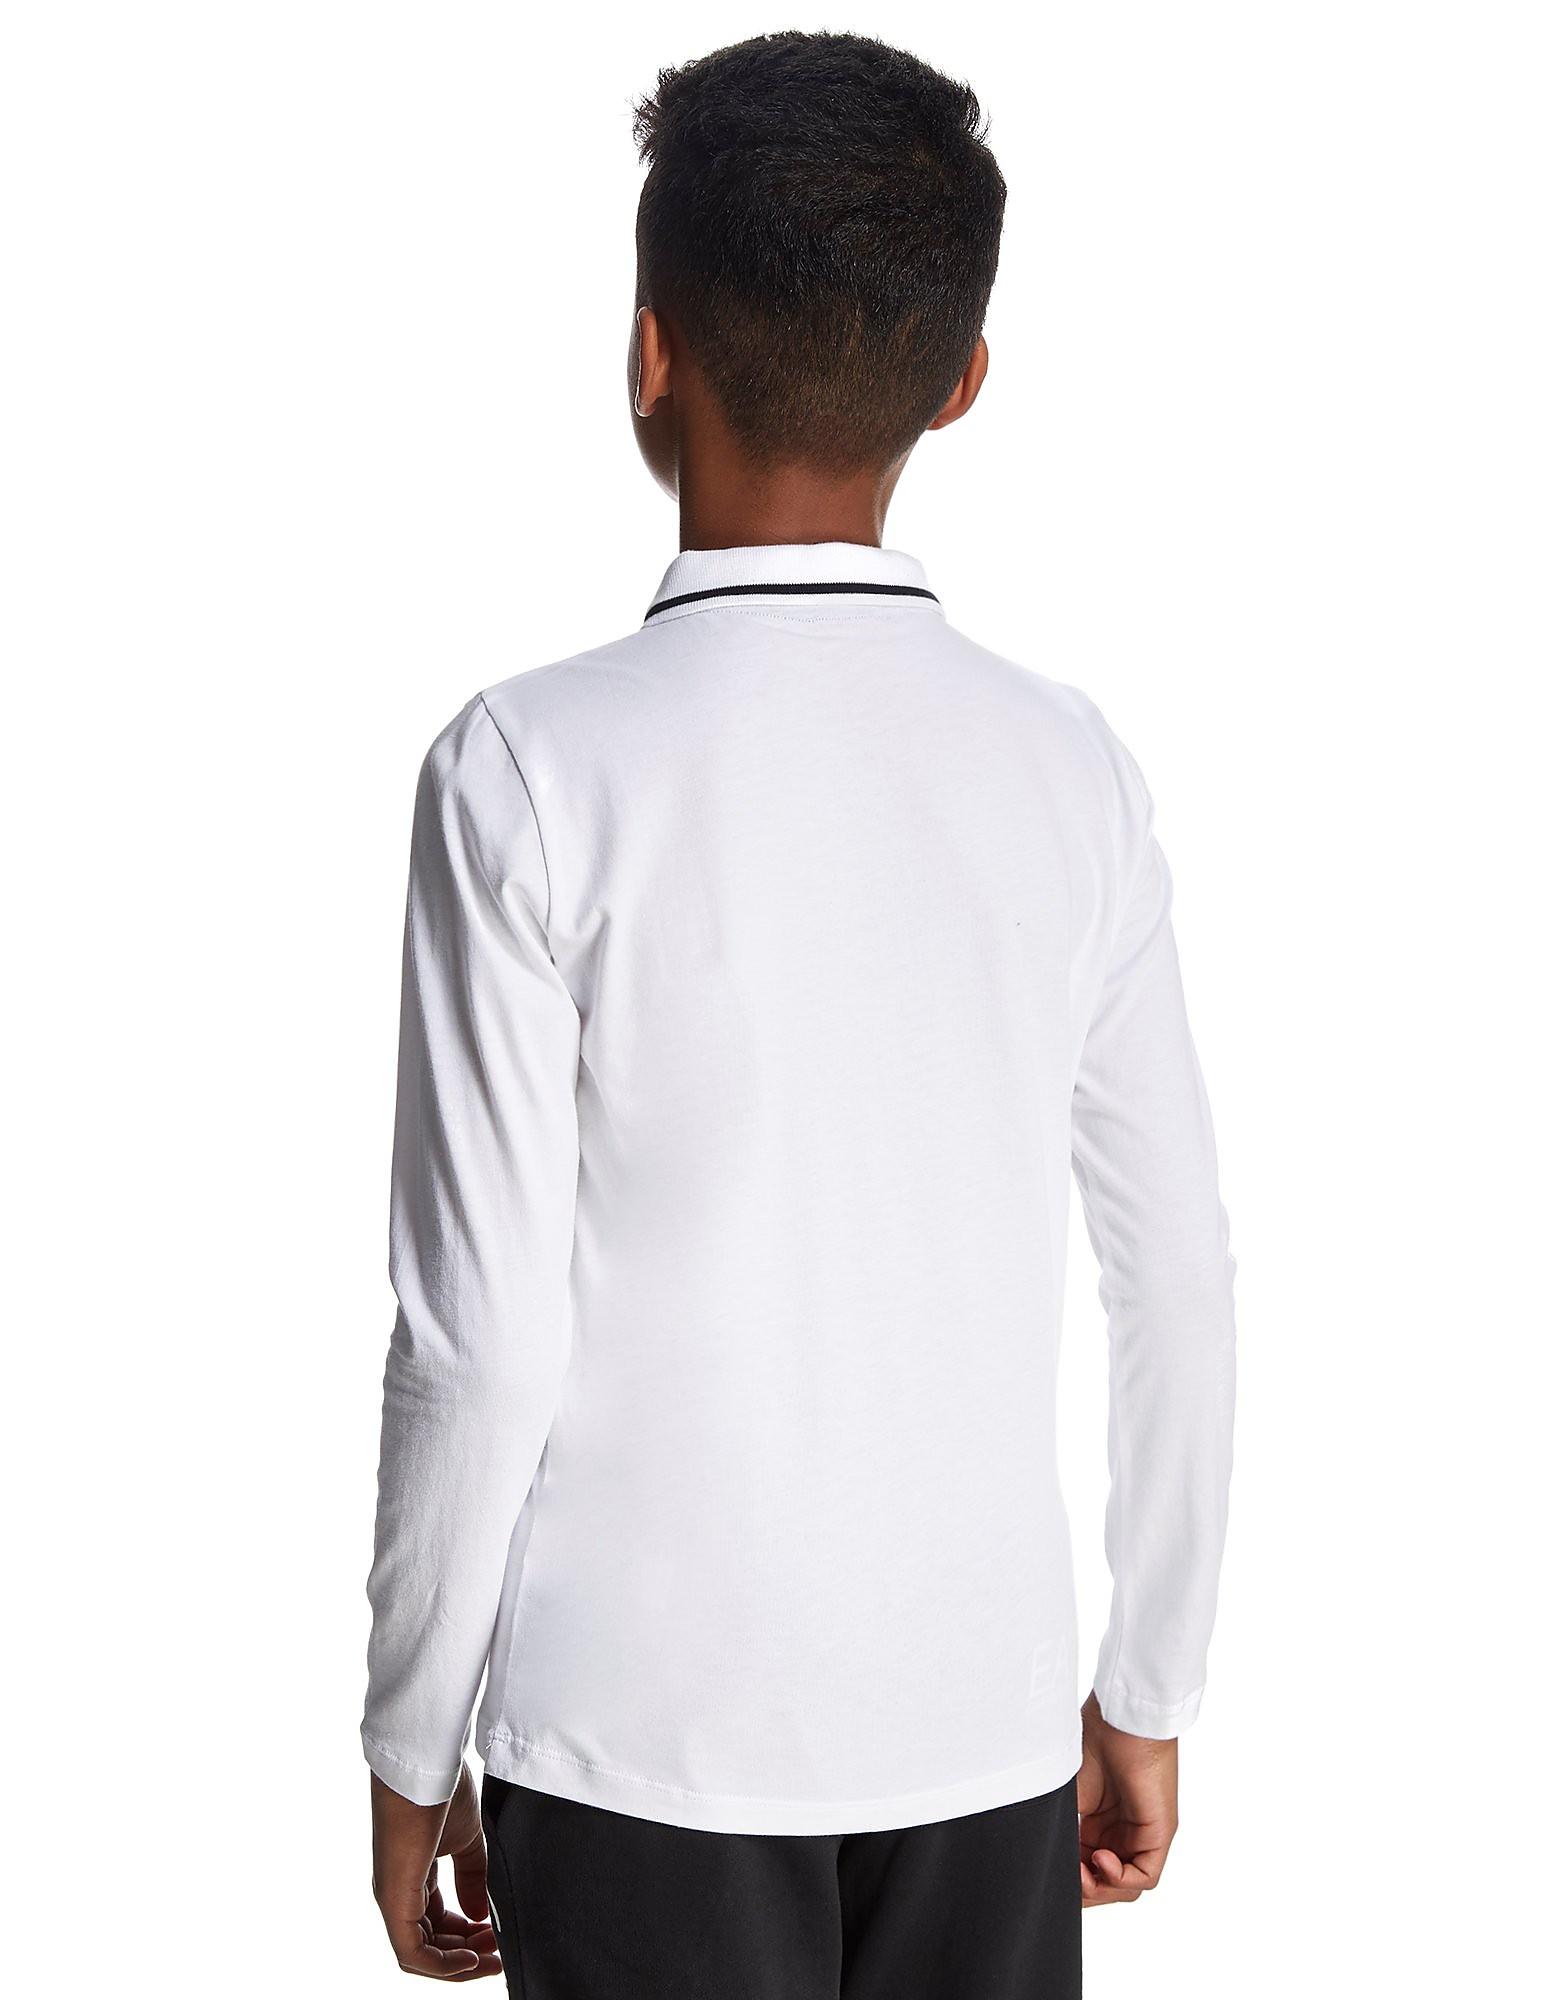 Emporio Armani EA7 Polo a maniche lunghe per ragazzi